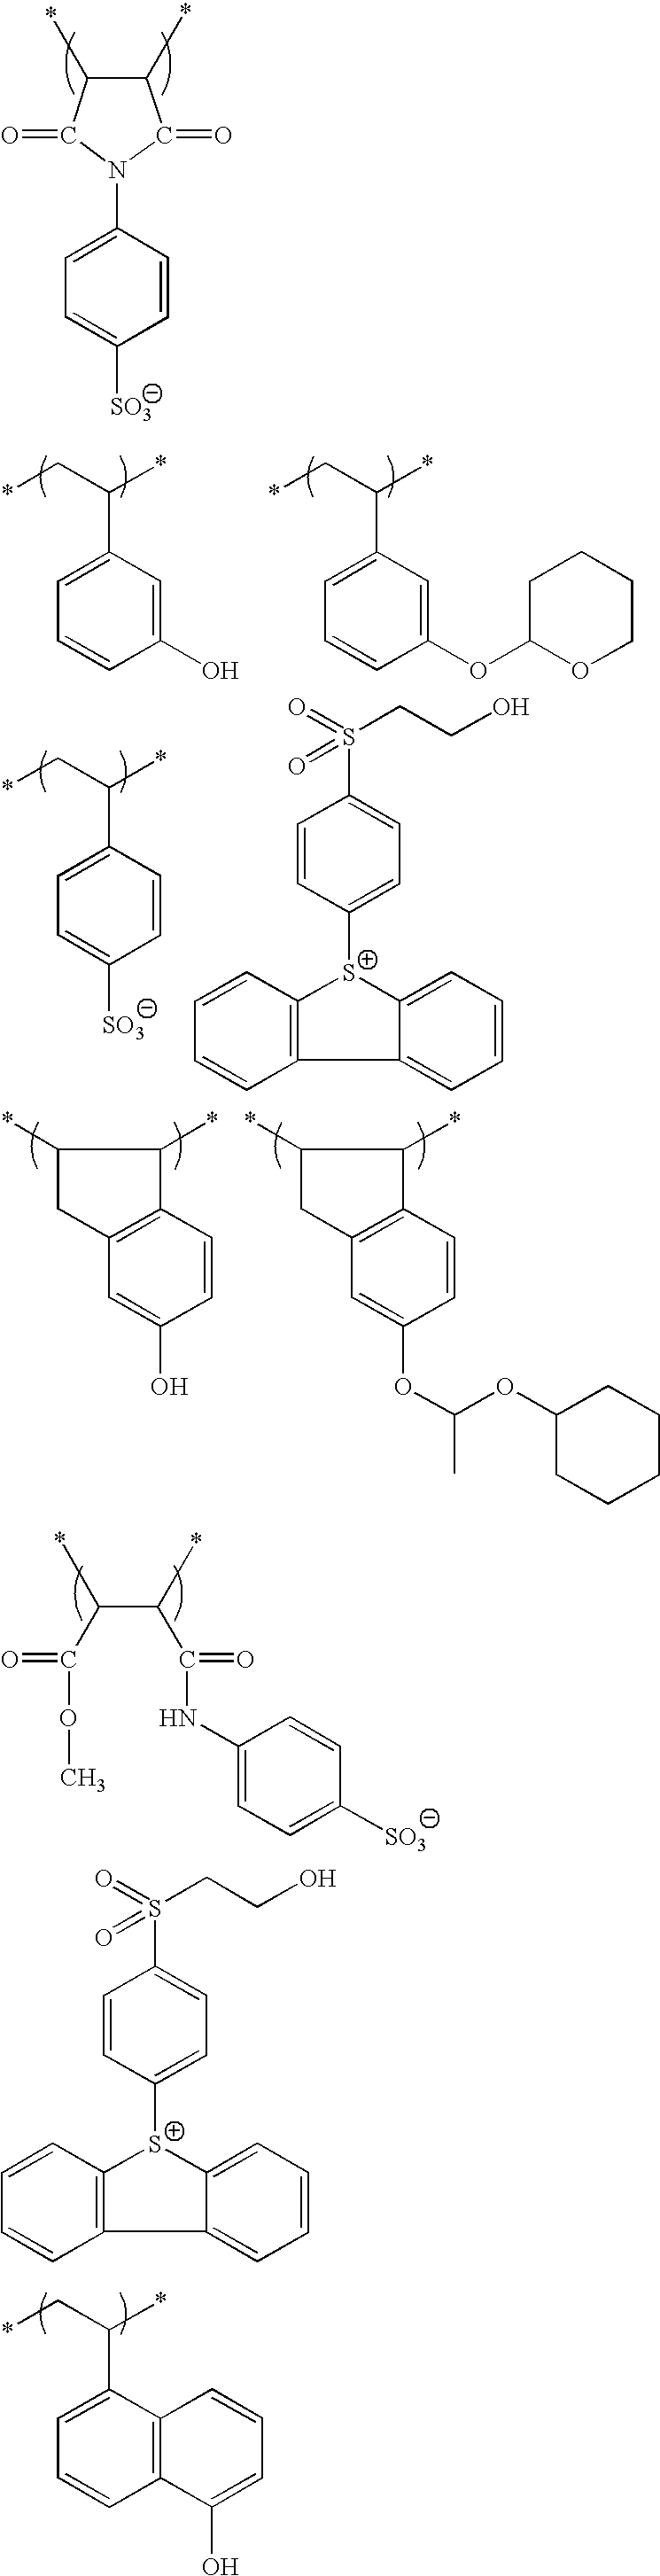 Figure US08852845-20141007-C00184